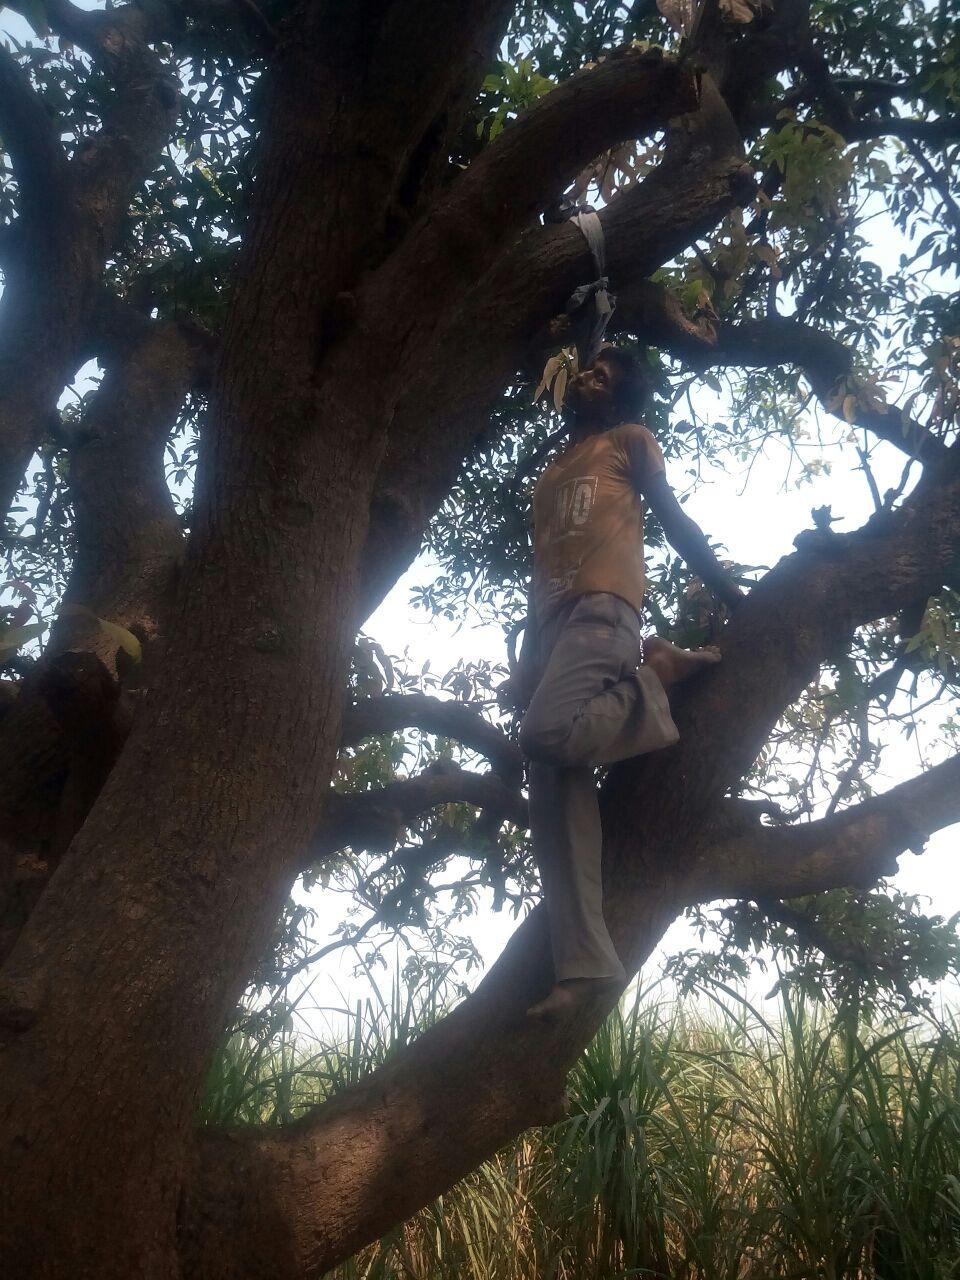 गोला कोतवाली क्षेत्र में पेड़ से लटकता मिला शव पुलिस मौके पर मौजूद